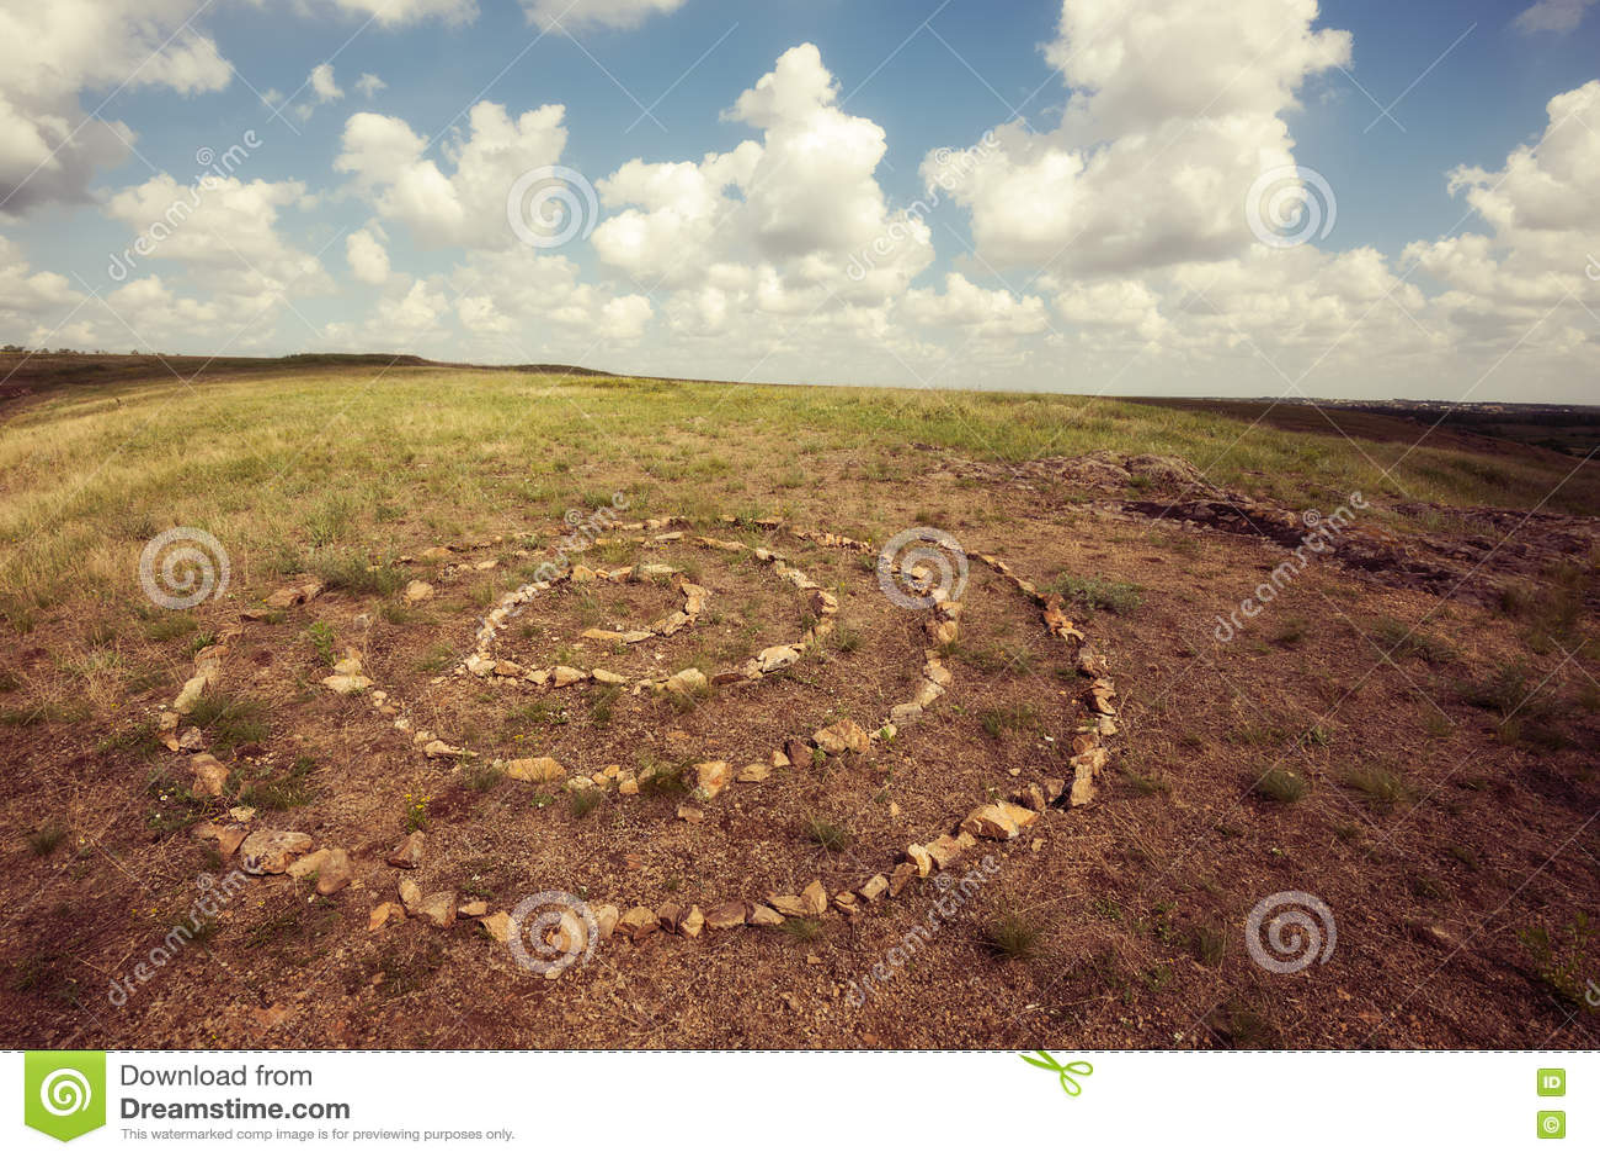 Heilige Spirale, Symbol von Unendlichkeit